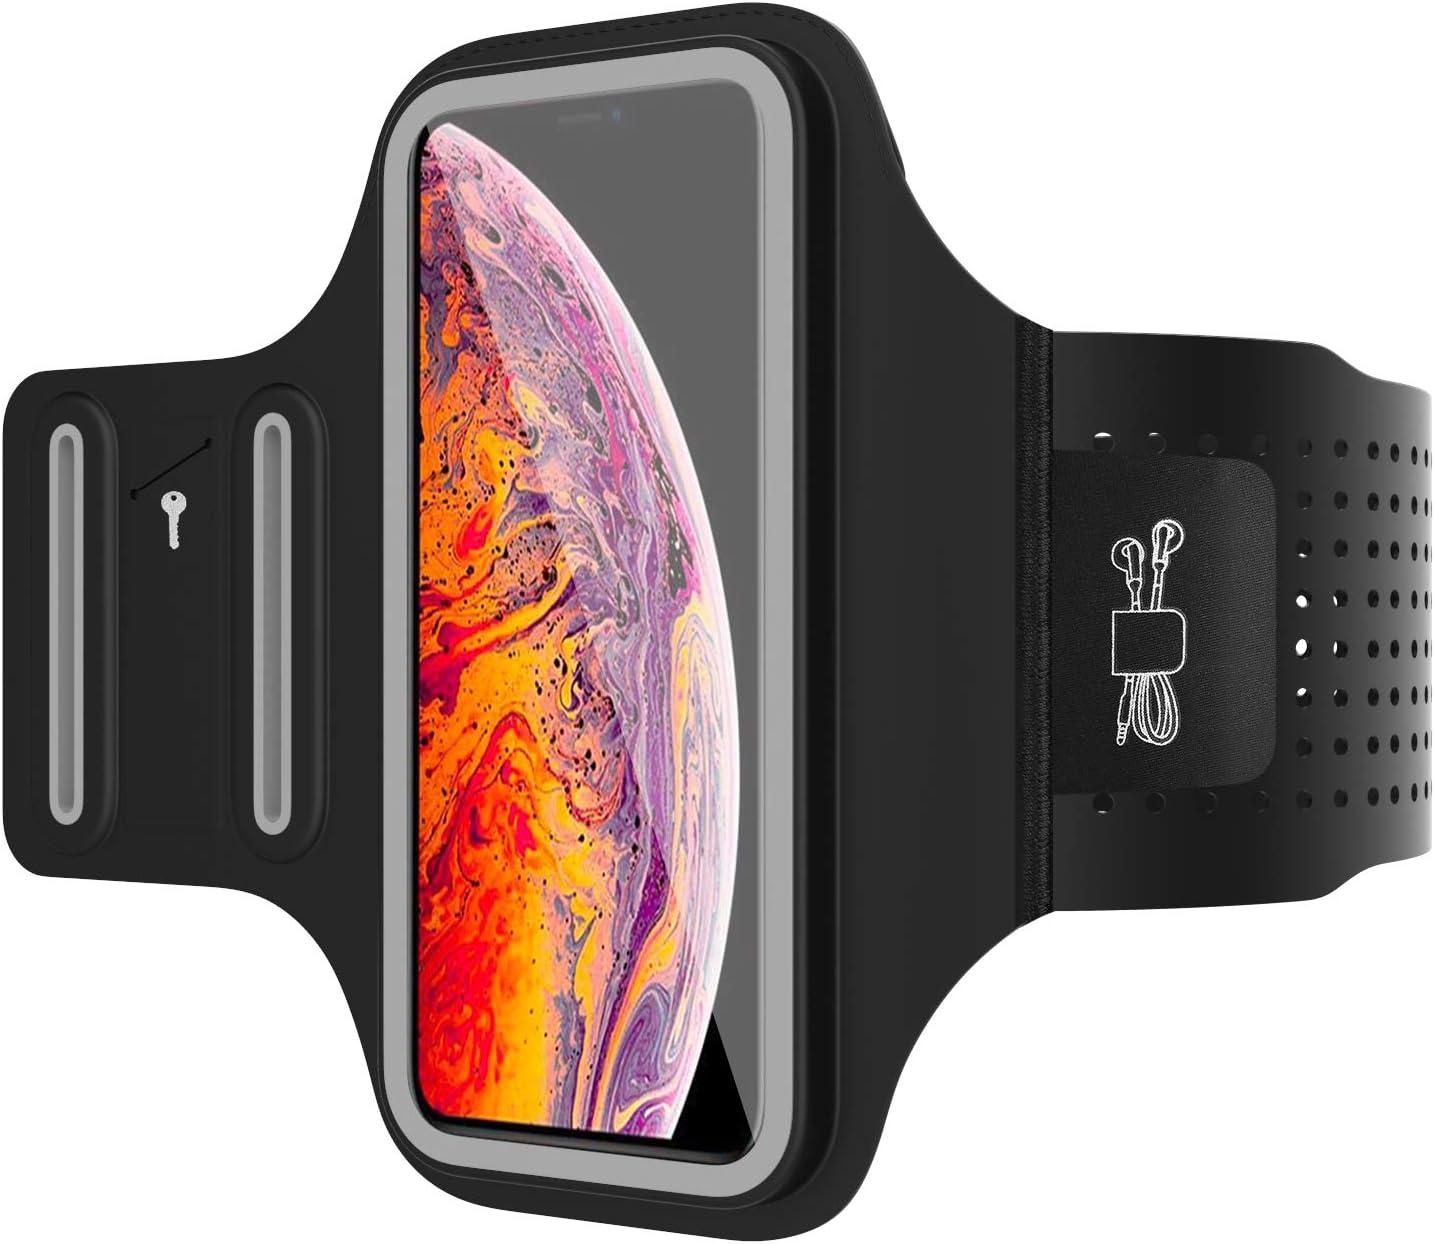 MoKo Brazalete Deportivo para Móvil Compatible con iPhone 11, 11 Pro, 11 Pro MAX, Pixel 4 XL y Otro Dispositivo hasta a 6.5¨, Funda Resistente al Agua con Soporte de Llaves y Cables - Negro